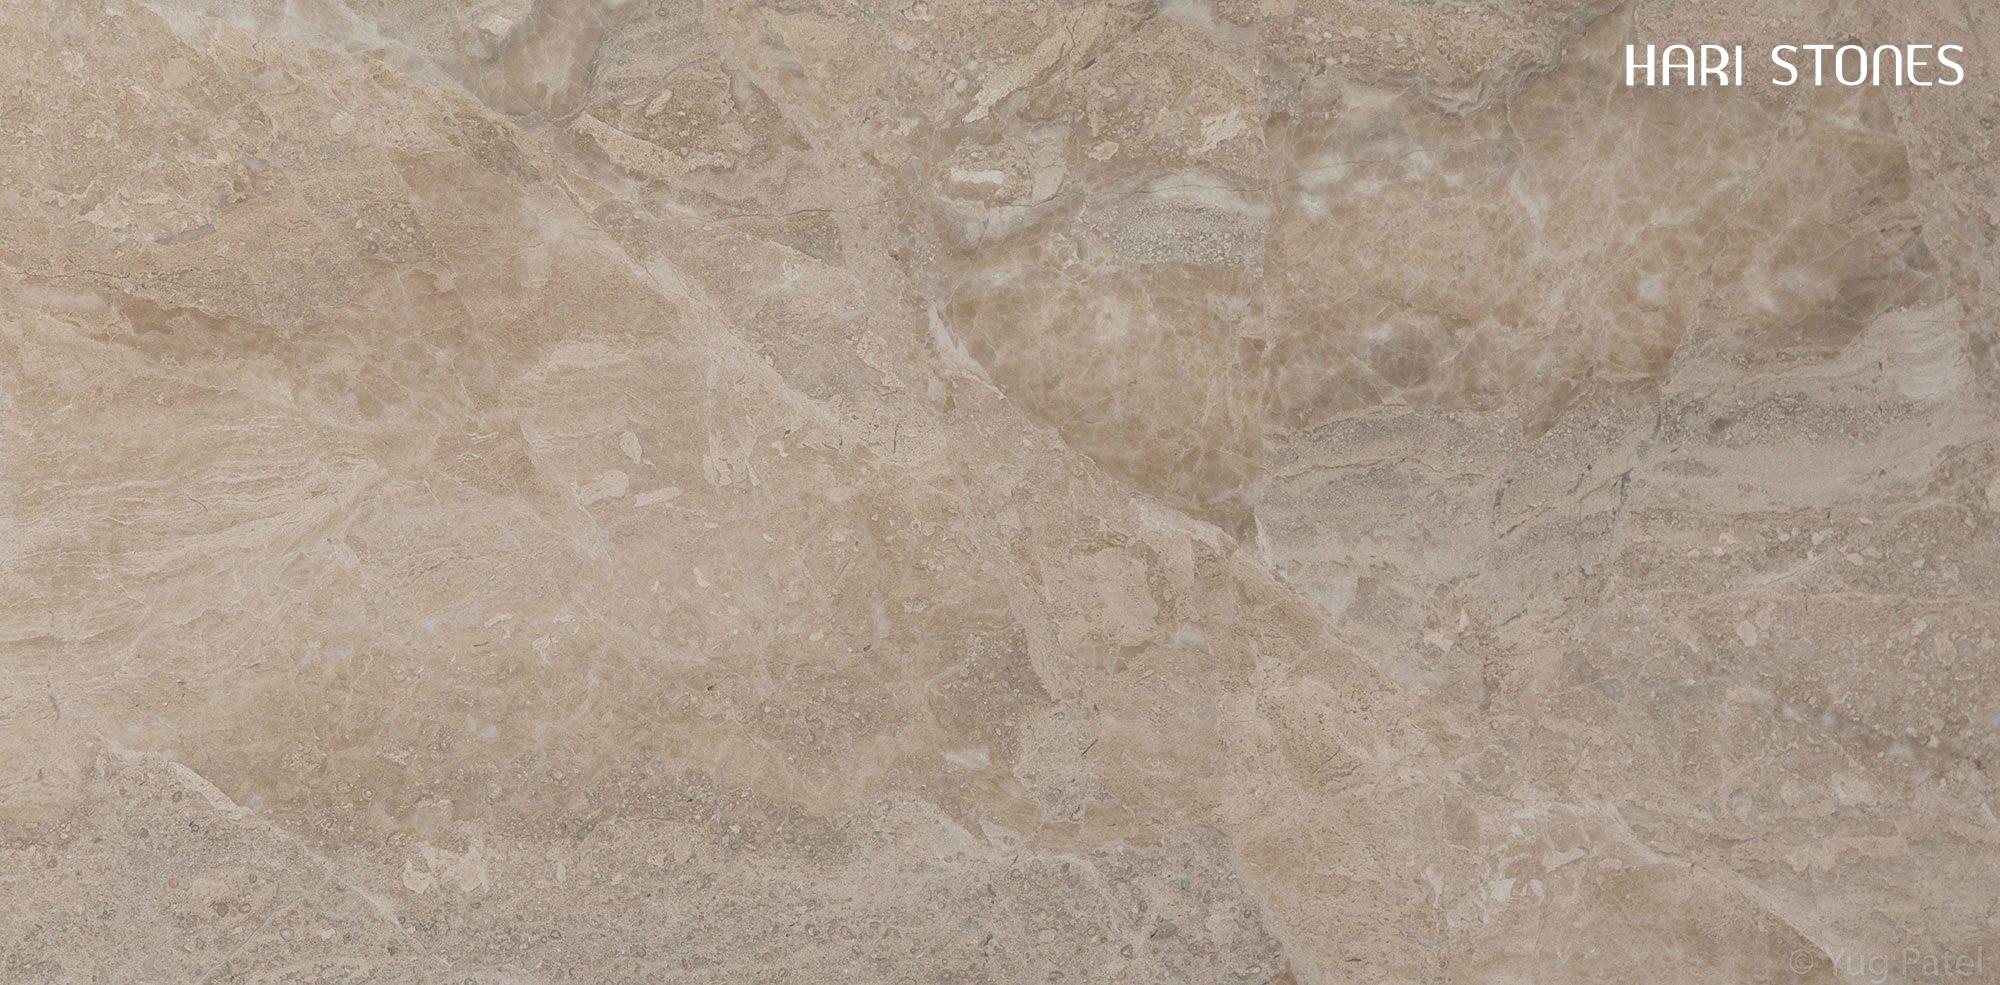 Marble New Breccia